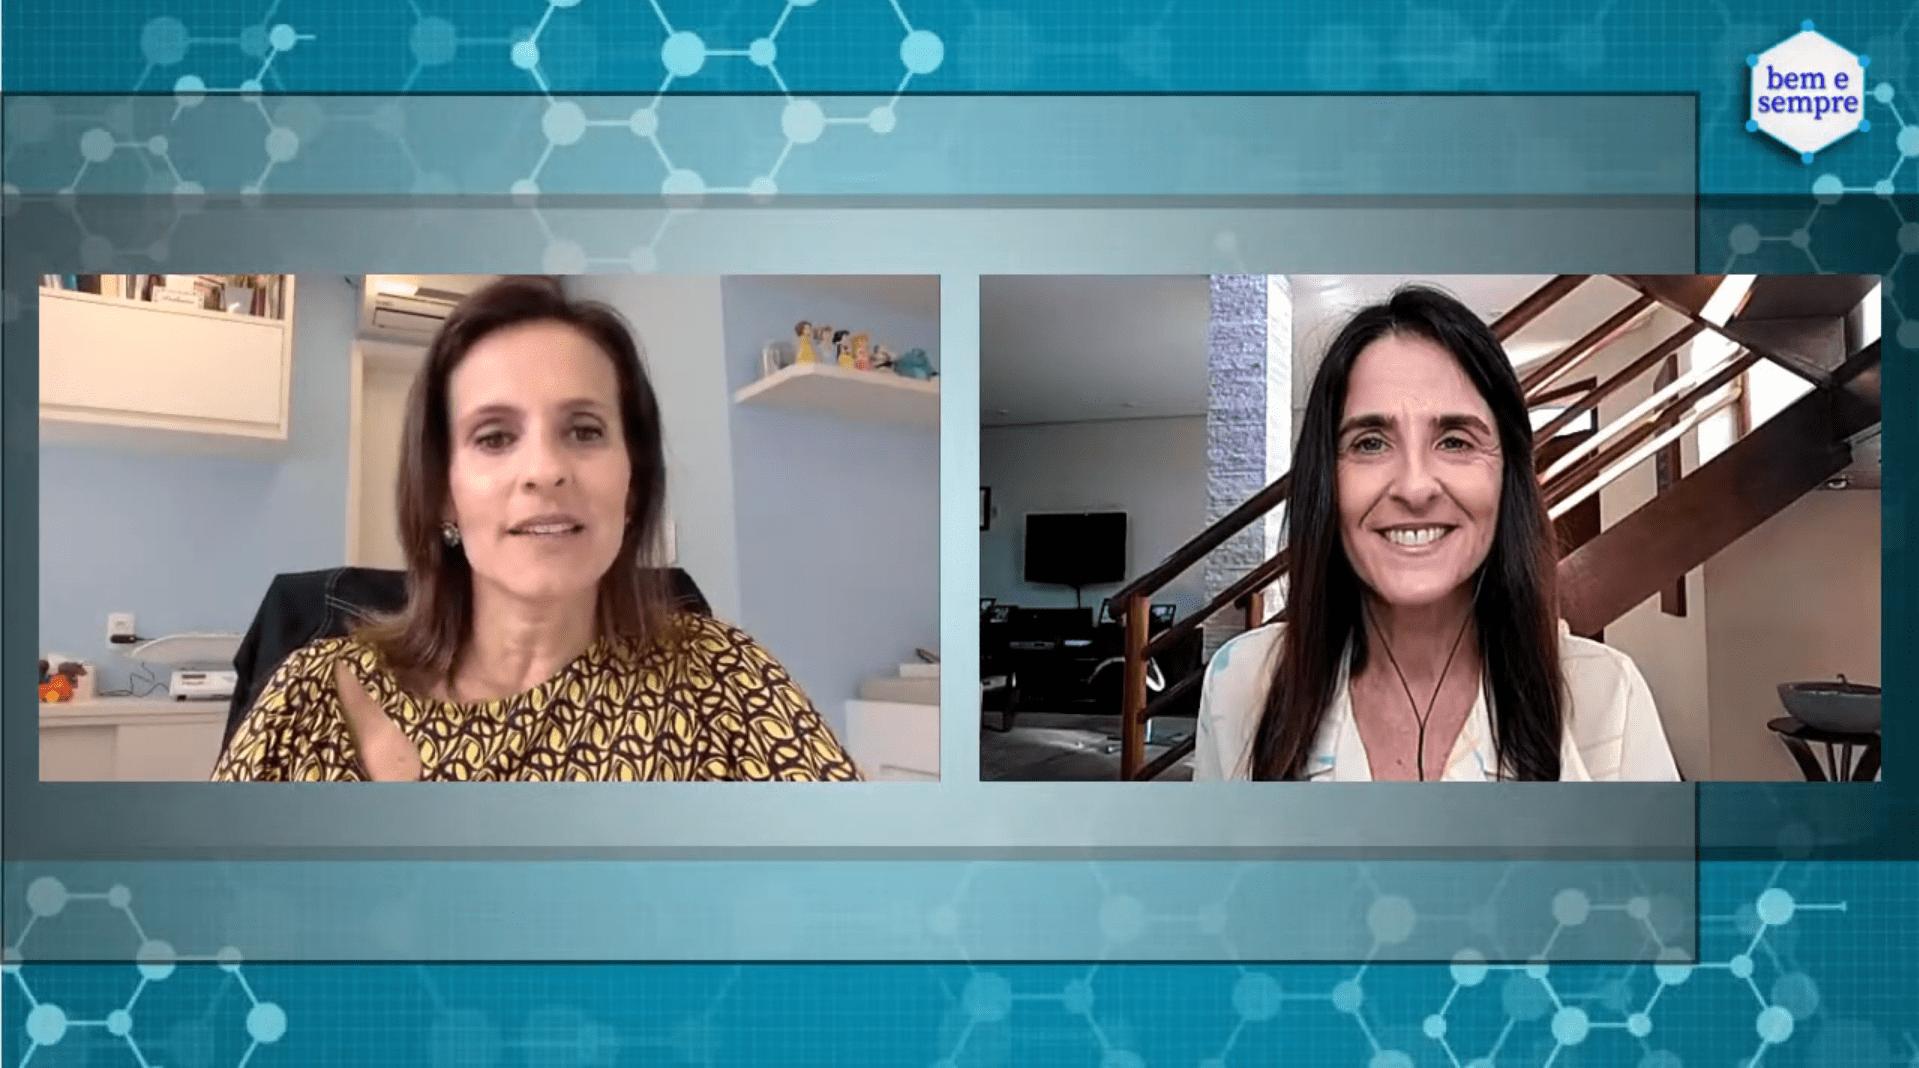 Setembro de 2020 | Dra Elisabeth participou de uma entrevista no canal Bem e Sempre. Tema foi desenvolvimento saudável nas crianças e COVID-19. Quem tiver um tempinho, deem uma olhadinha na entrevista e aproveitem para se inscrever no canal.